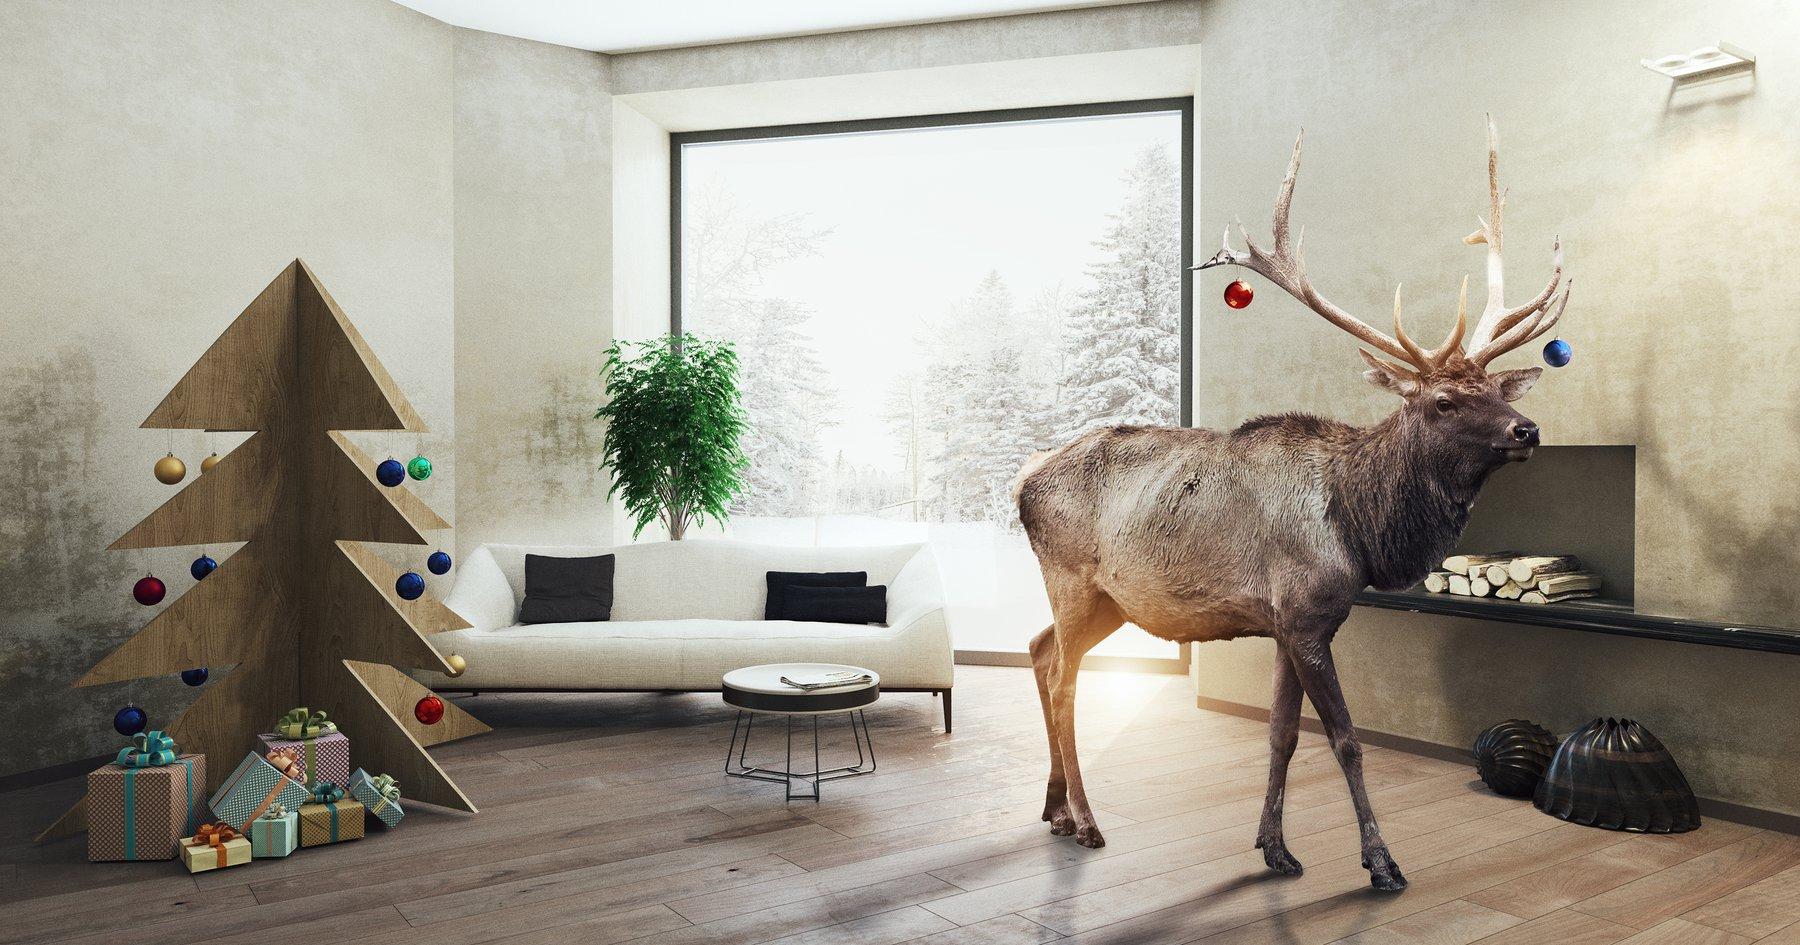 Aldi Werbung Weihnachten Kühlschrank : Wanddekoration zu weihnachten aldi inspiriert